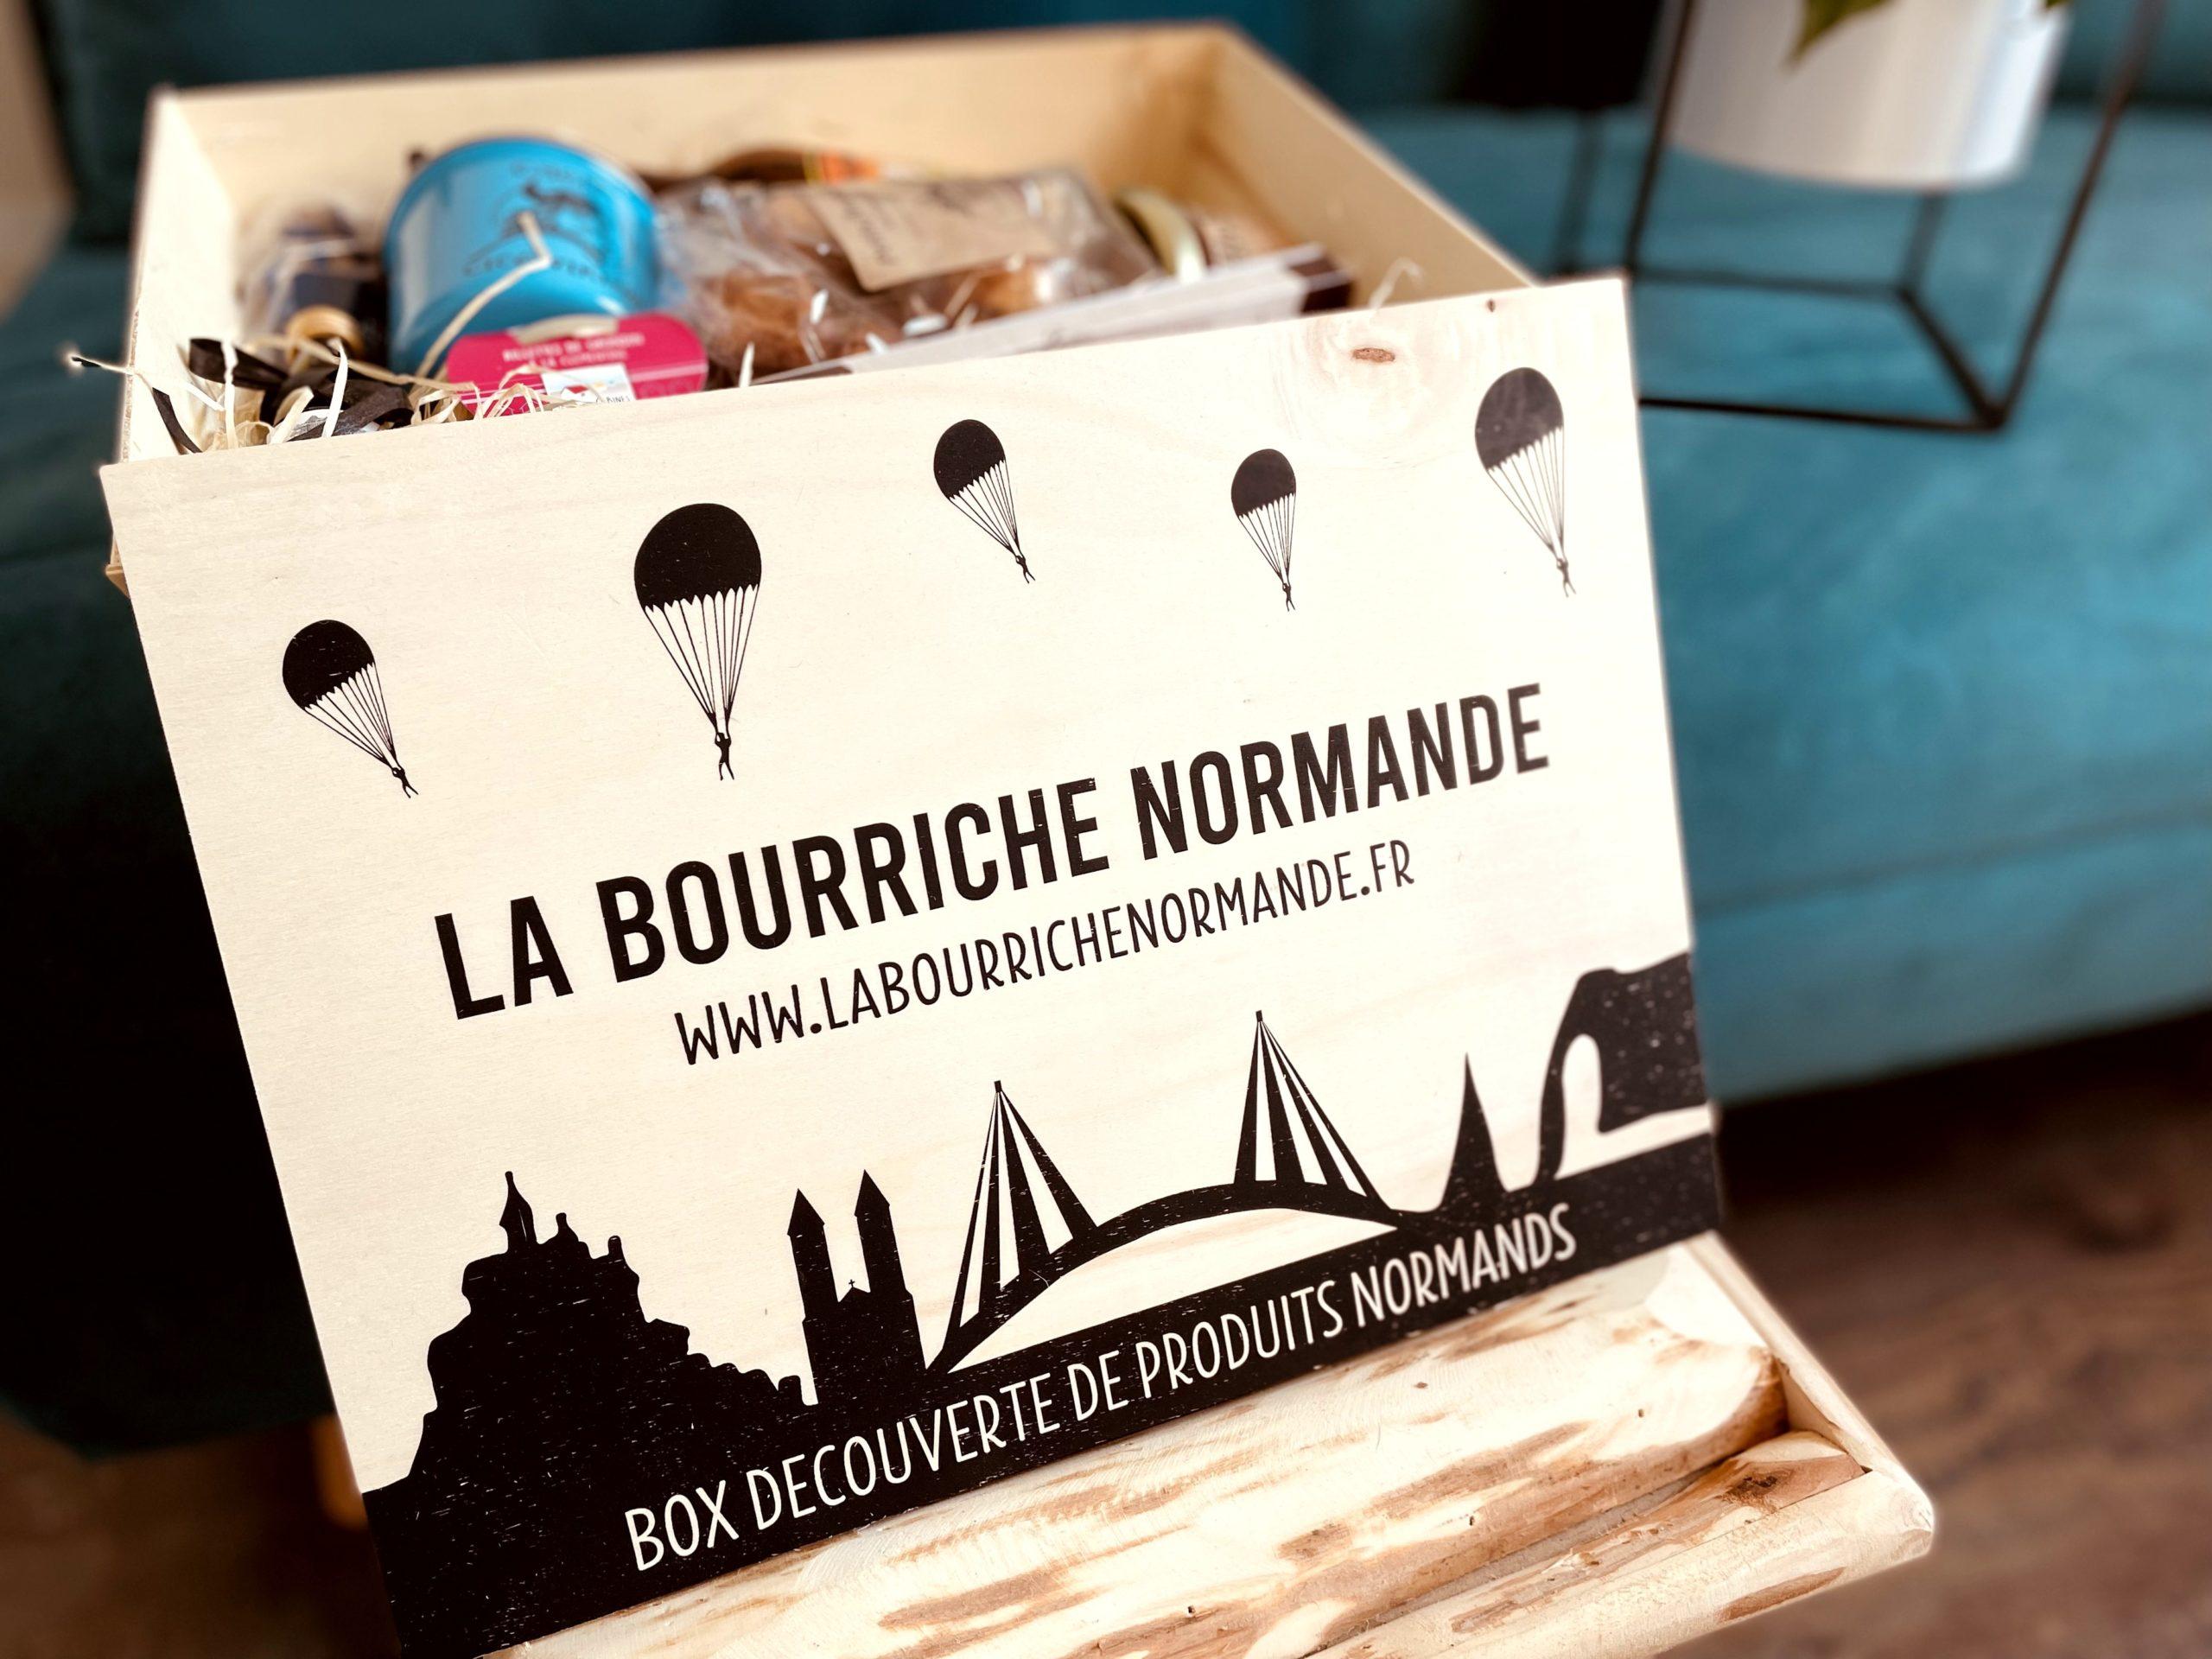 La Bourriche Normande